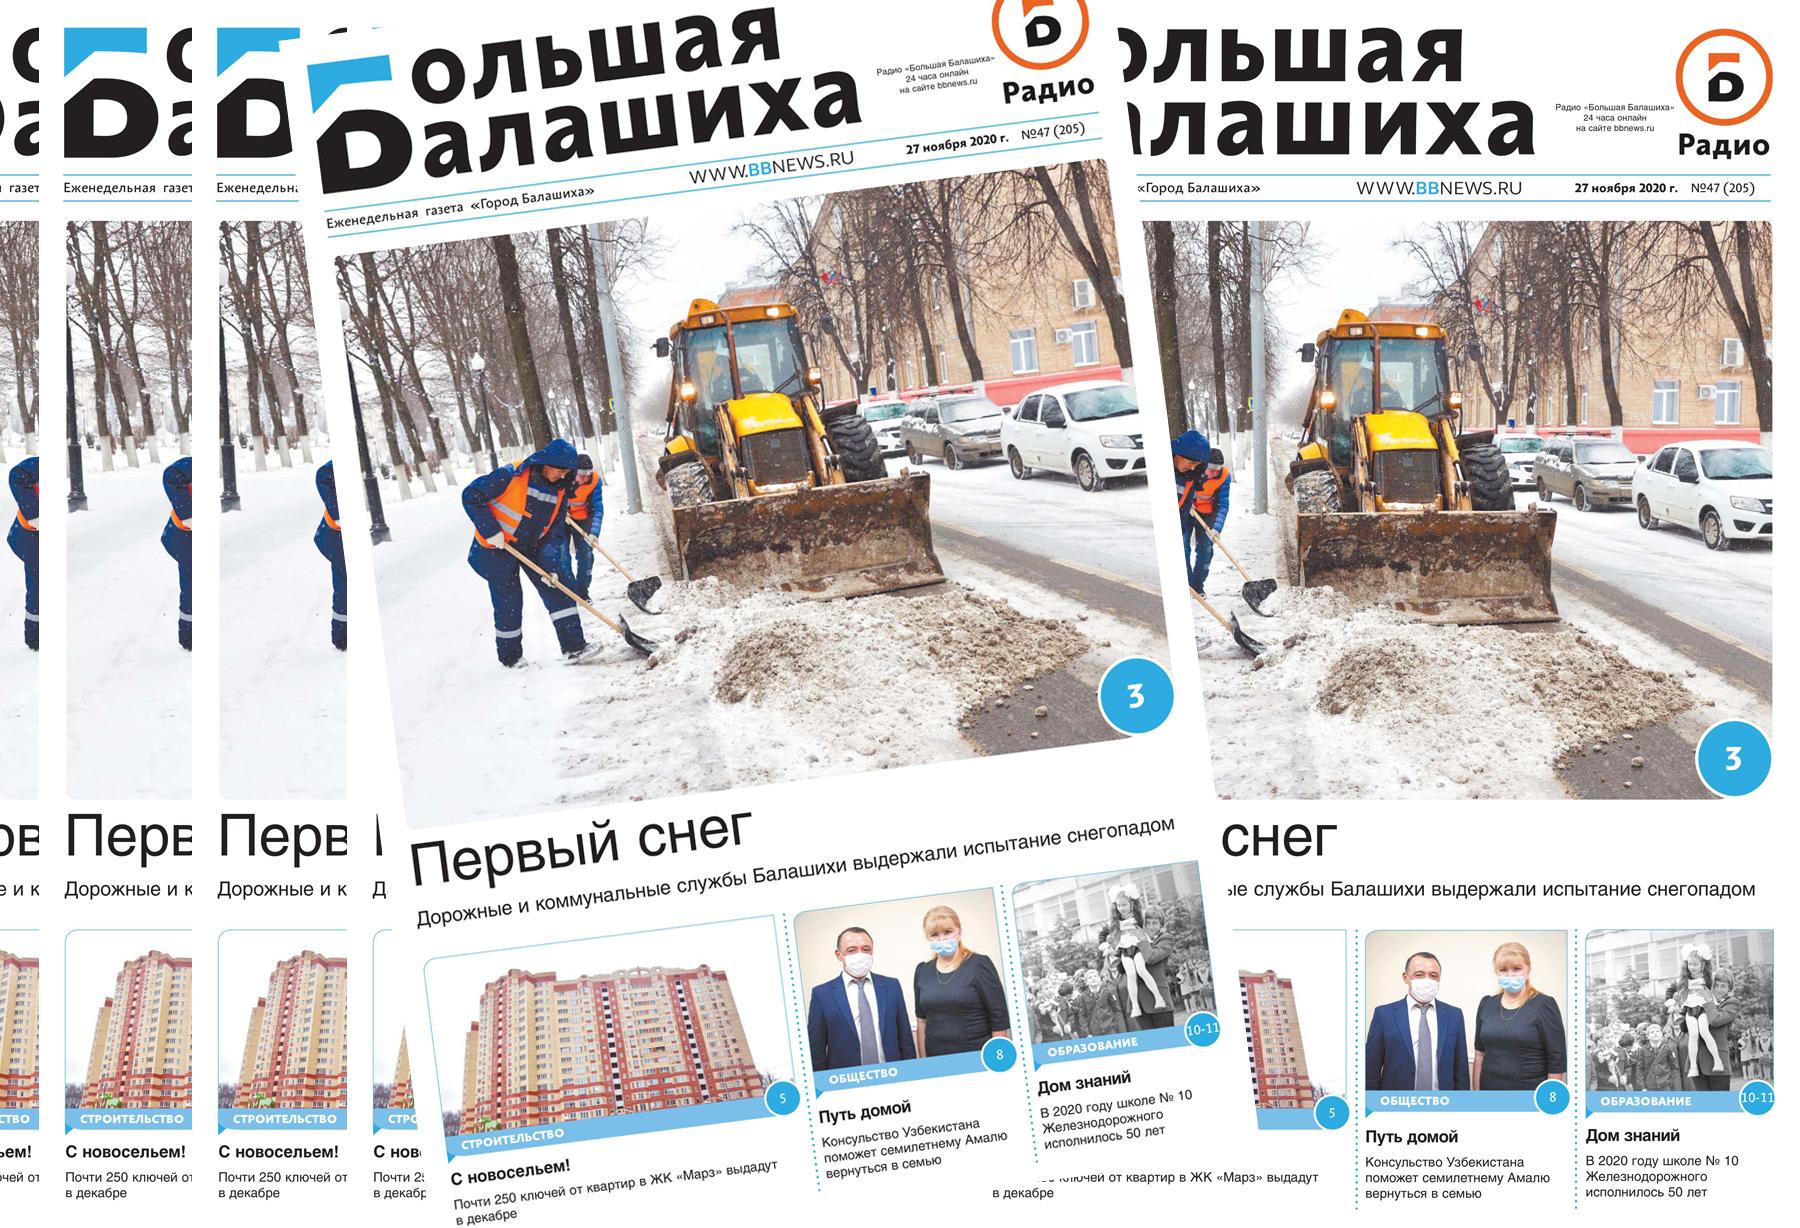 Вышла газета «Город Балашиха» №47 (205)